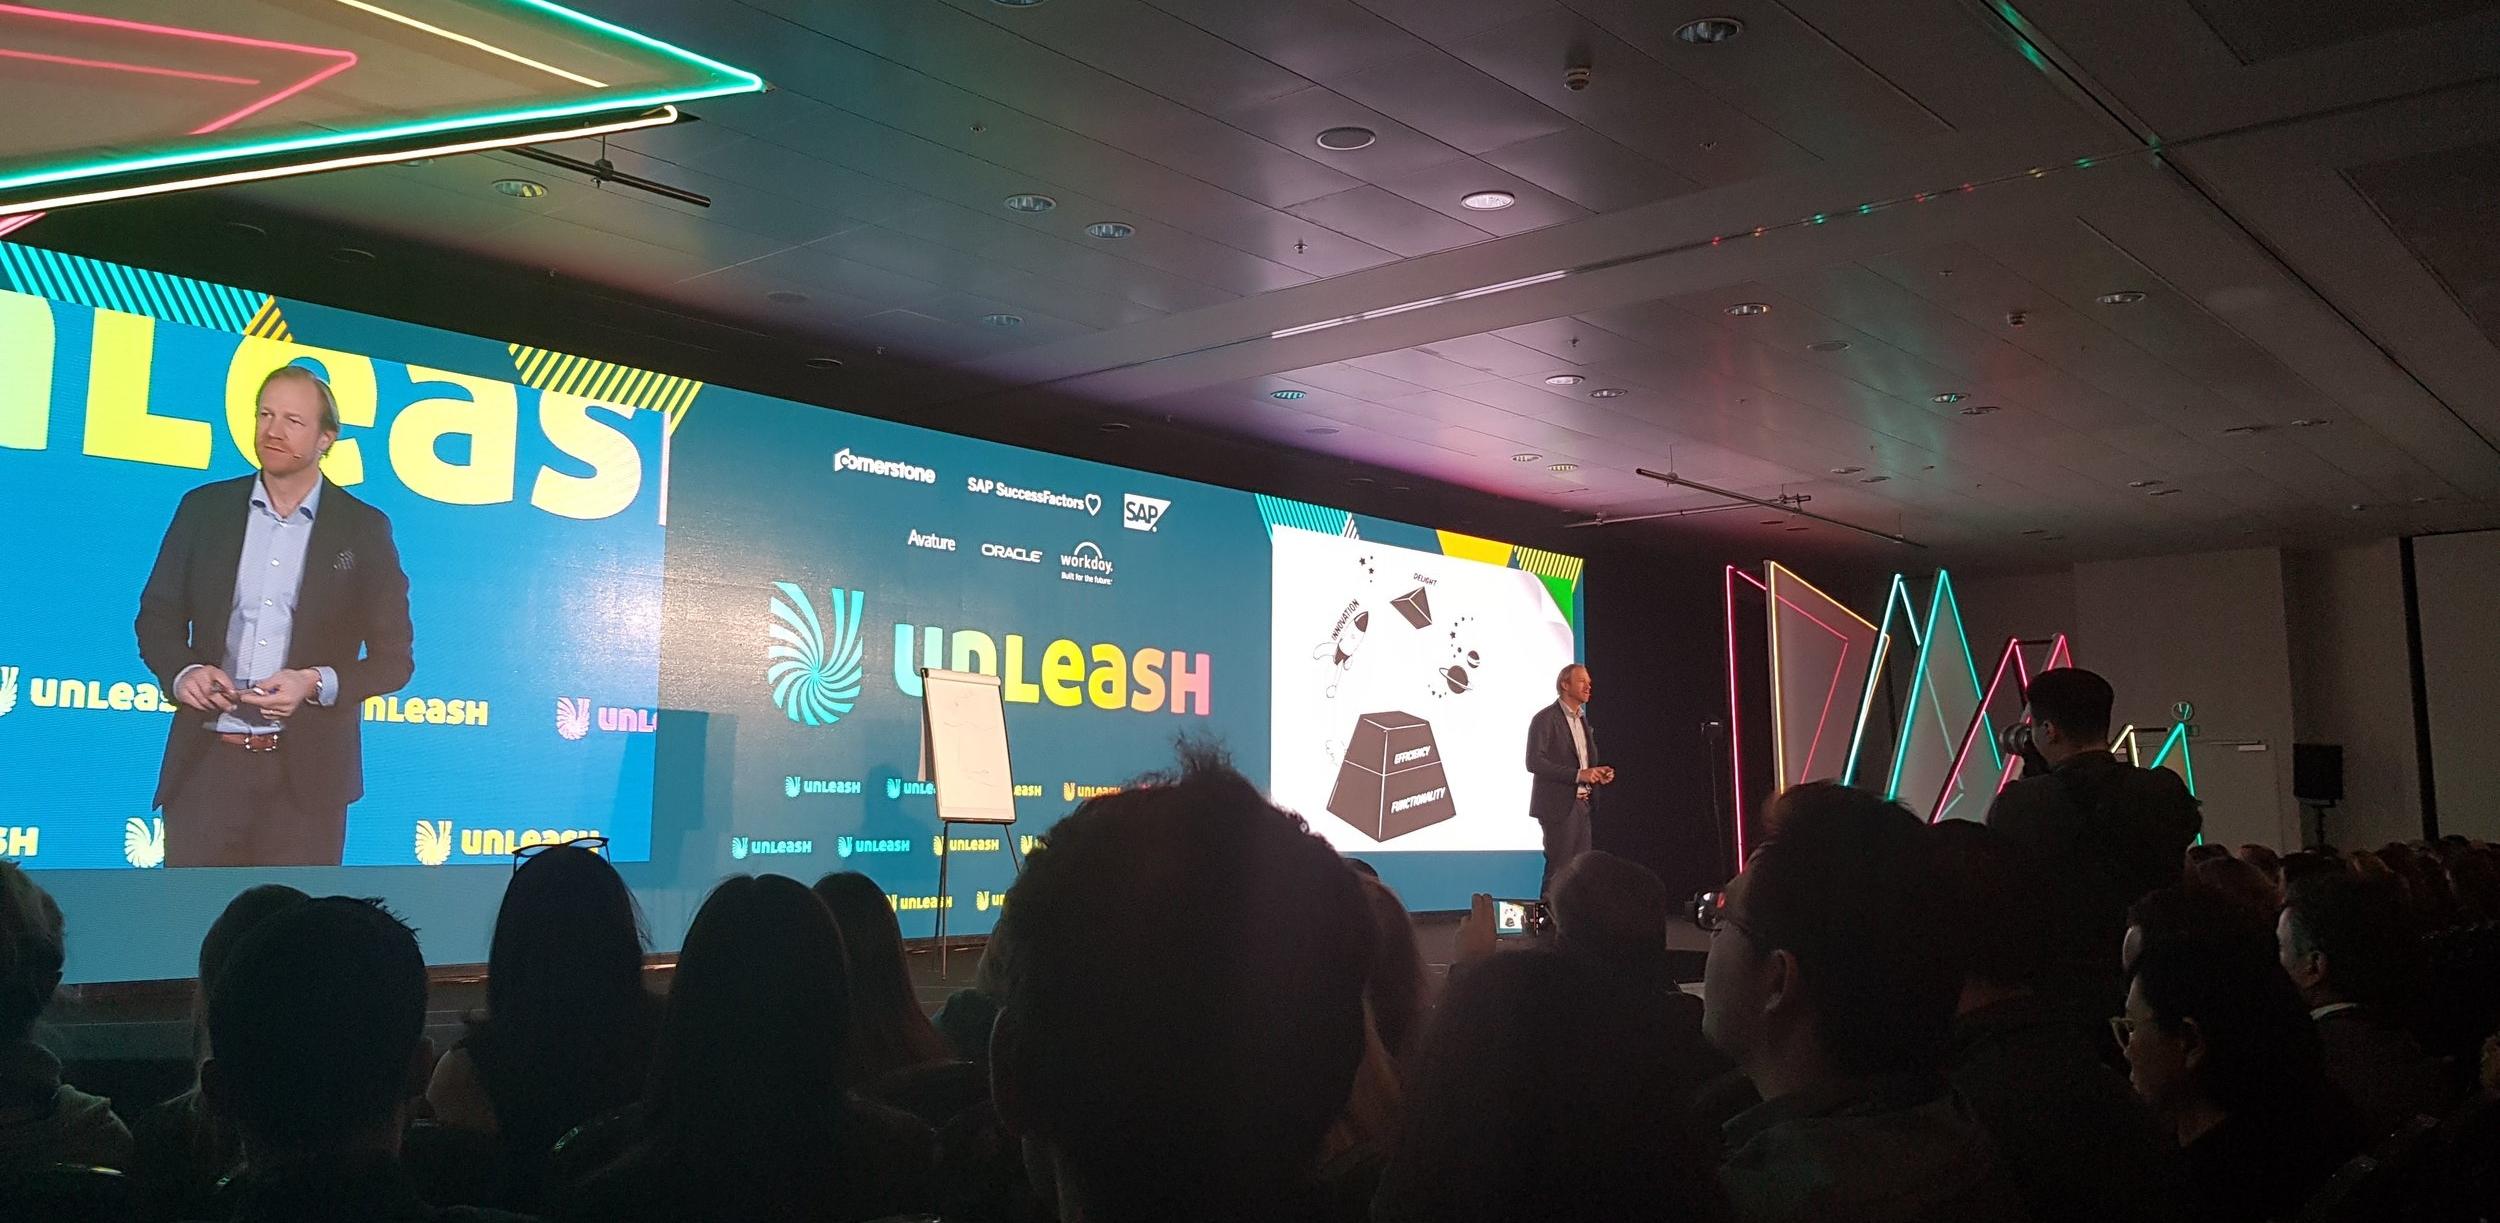 Skype co-founder Jonas Kjellberg at Unleash